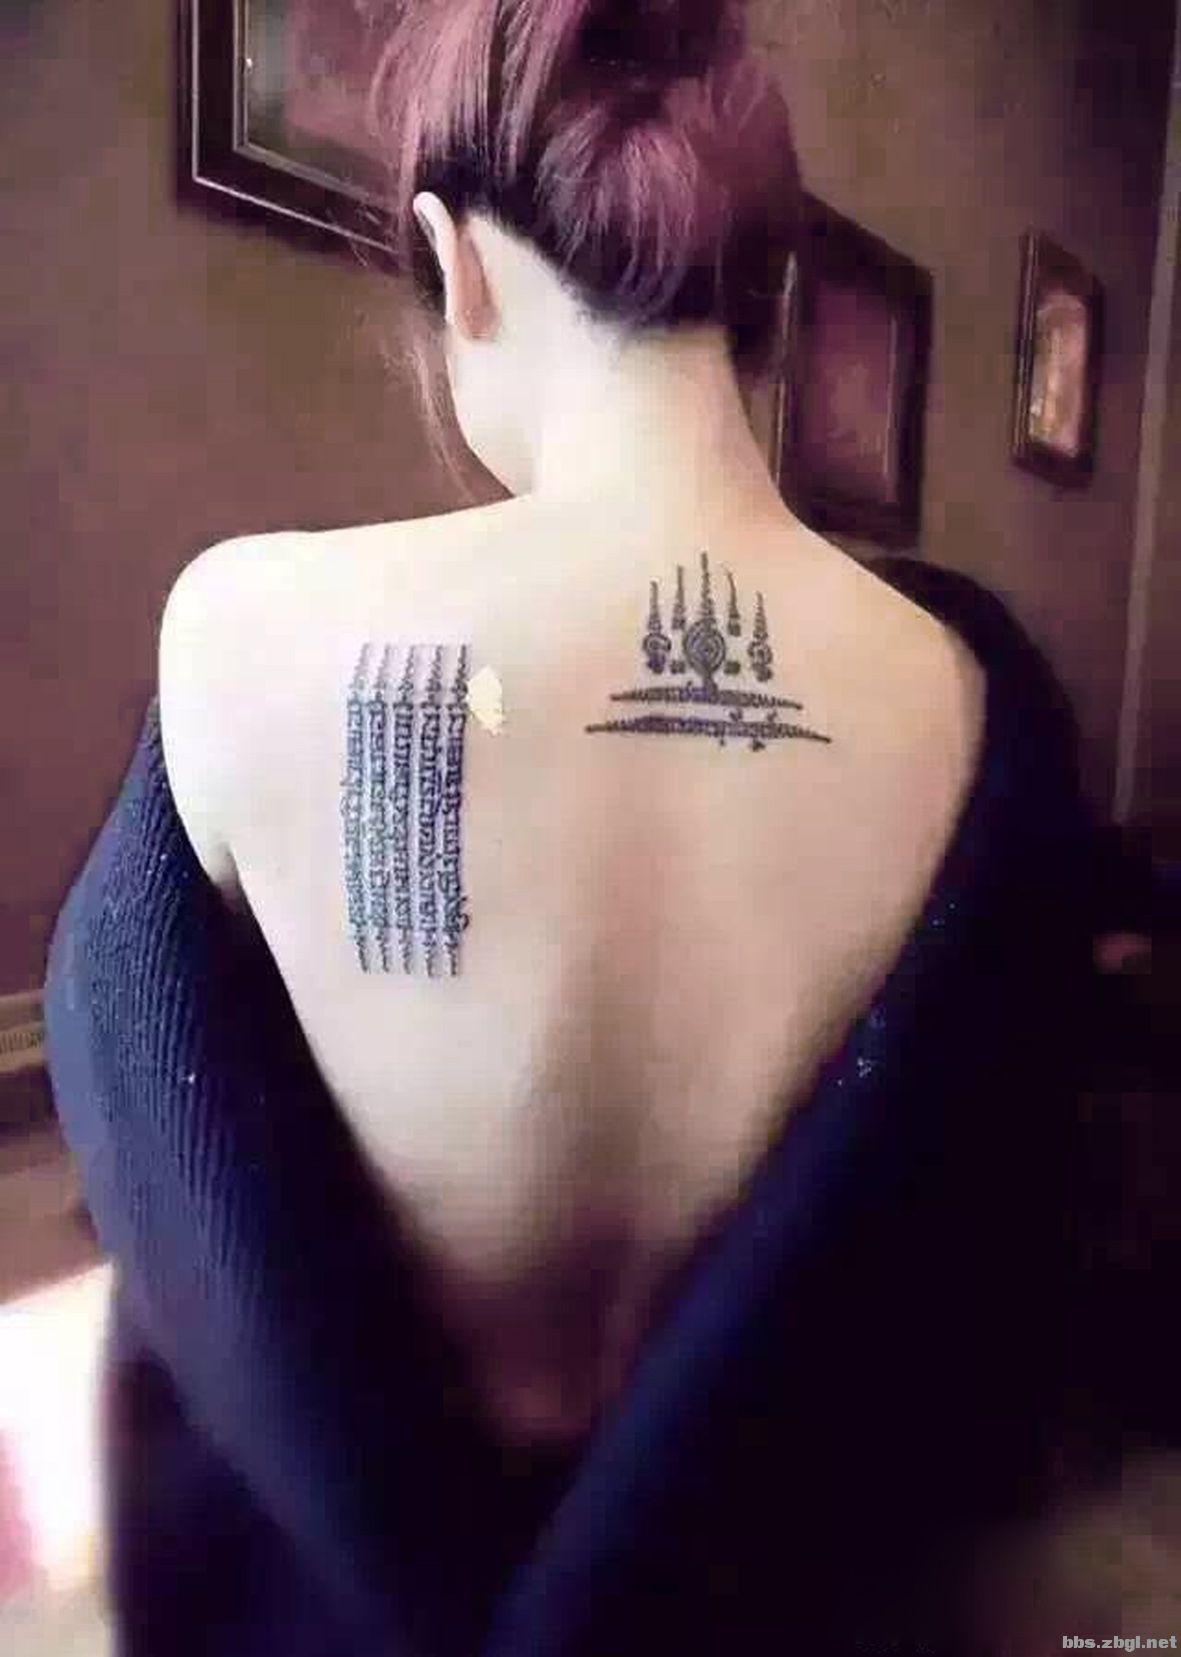 泰国的五条经文刺符纹身太美了